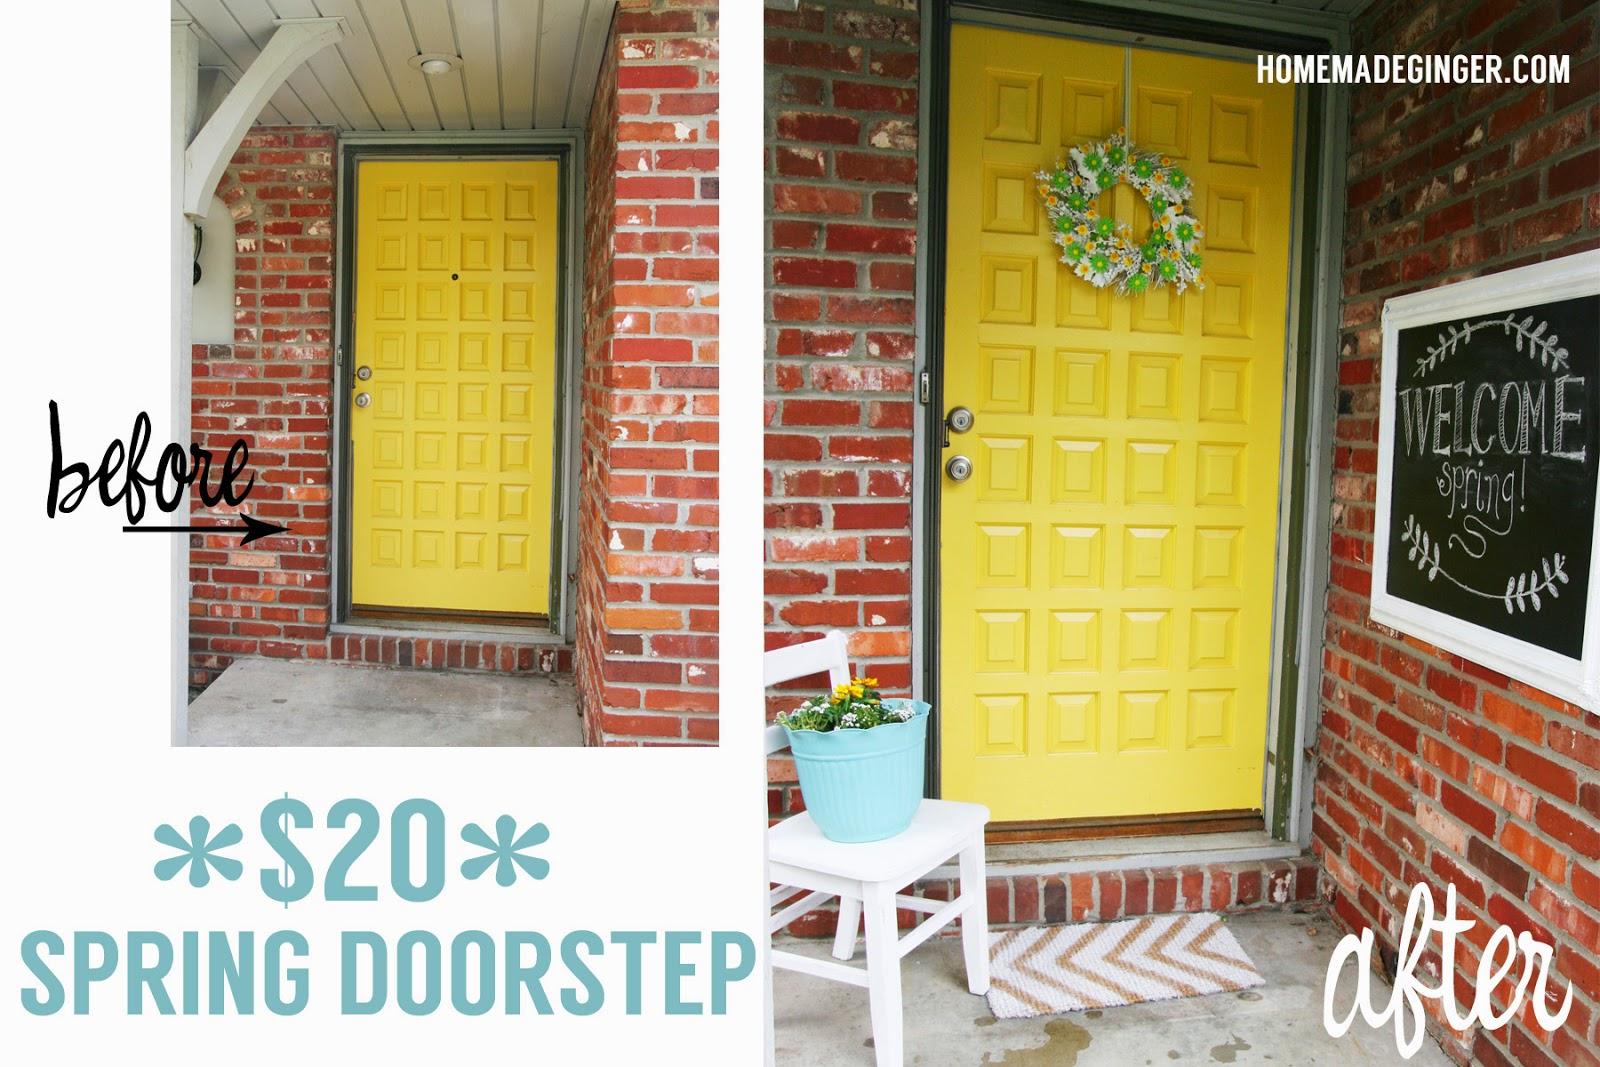 Homemade Ginger1: $20 DIY Spring Doorstep Makeover